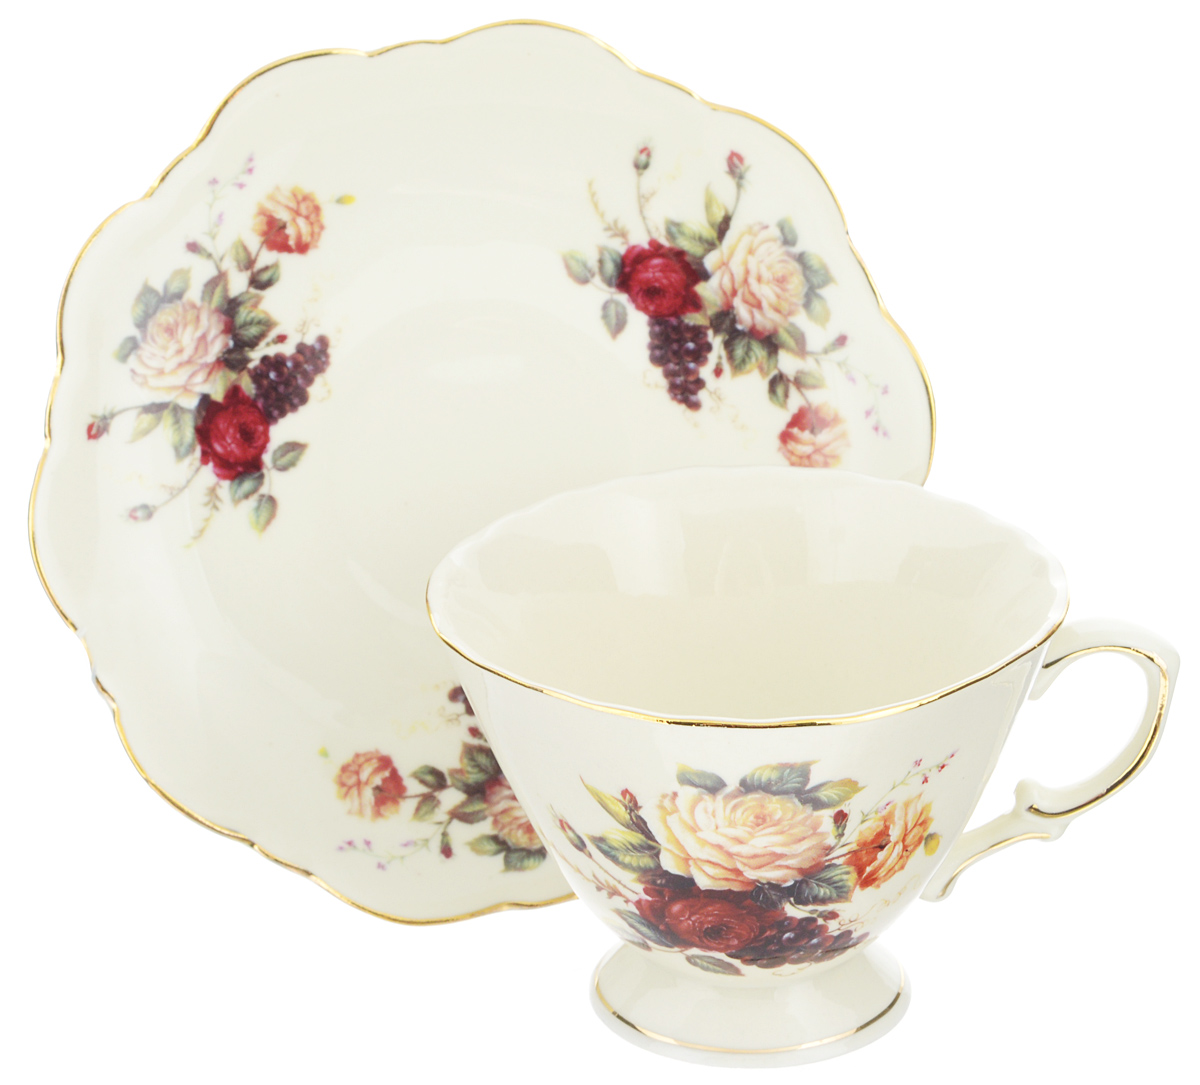 Чайная пара Elan Gallery Бархатный нектар, цвет: бежевый, розовый, 2 предмета115510Чайная пара Elan Gallery Бархатный нектар состоит из чашки и блюдца, изготовленных из керамики высшего качества, отличающейся необыкновенной прочностью и небольшим весом. Яркий дизайн, несомненно, придется вам по вкусу.Чайная пара украсит ваш кухонный стол, а также станет замечательным подарком к любому празднику.Не рекомендуется применять абразивные моющие средства. Не использовать в микроволновой печи.Объем чашки: 230 мл.Диаметр чашки (по верхнему краю): 10 см.Высота чашки: 7,5 см.Диаметр блюдца (по верхнему краю): 15,5 см.Высота блюдца: 2 см.